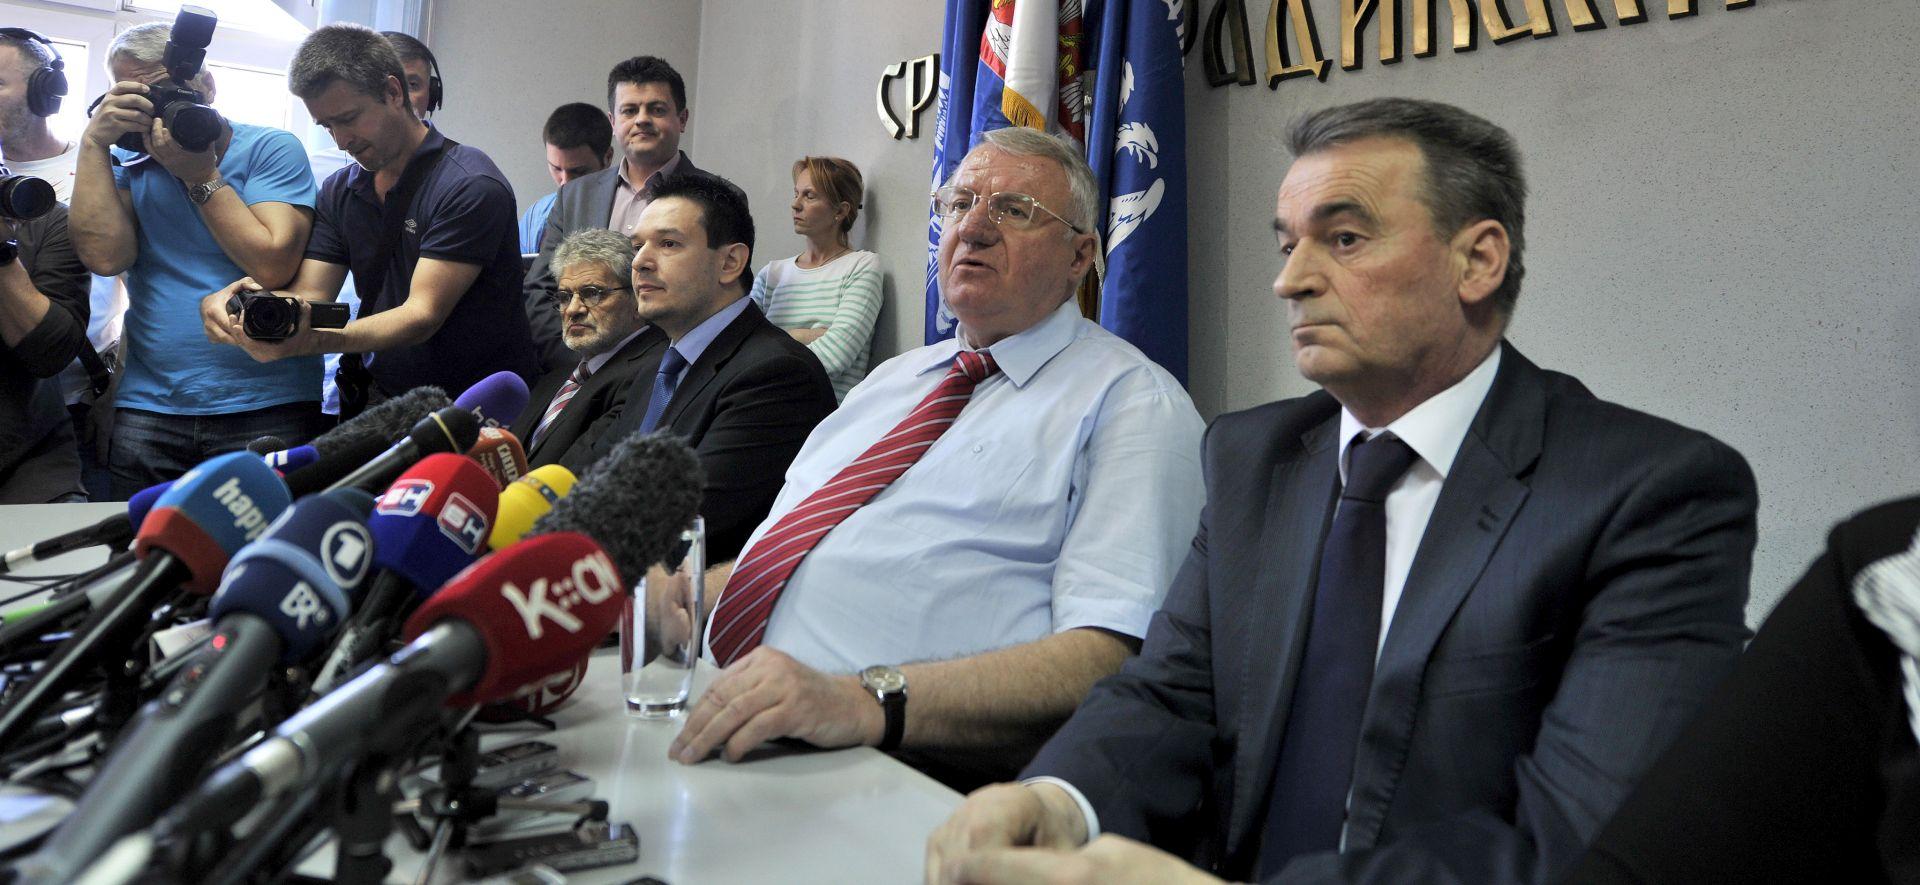 MUP Srbije neće dopustiti organiziranje skupova u Hrtkovcima